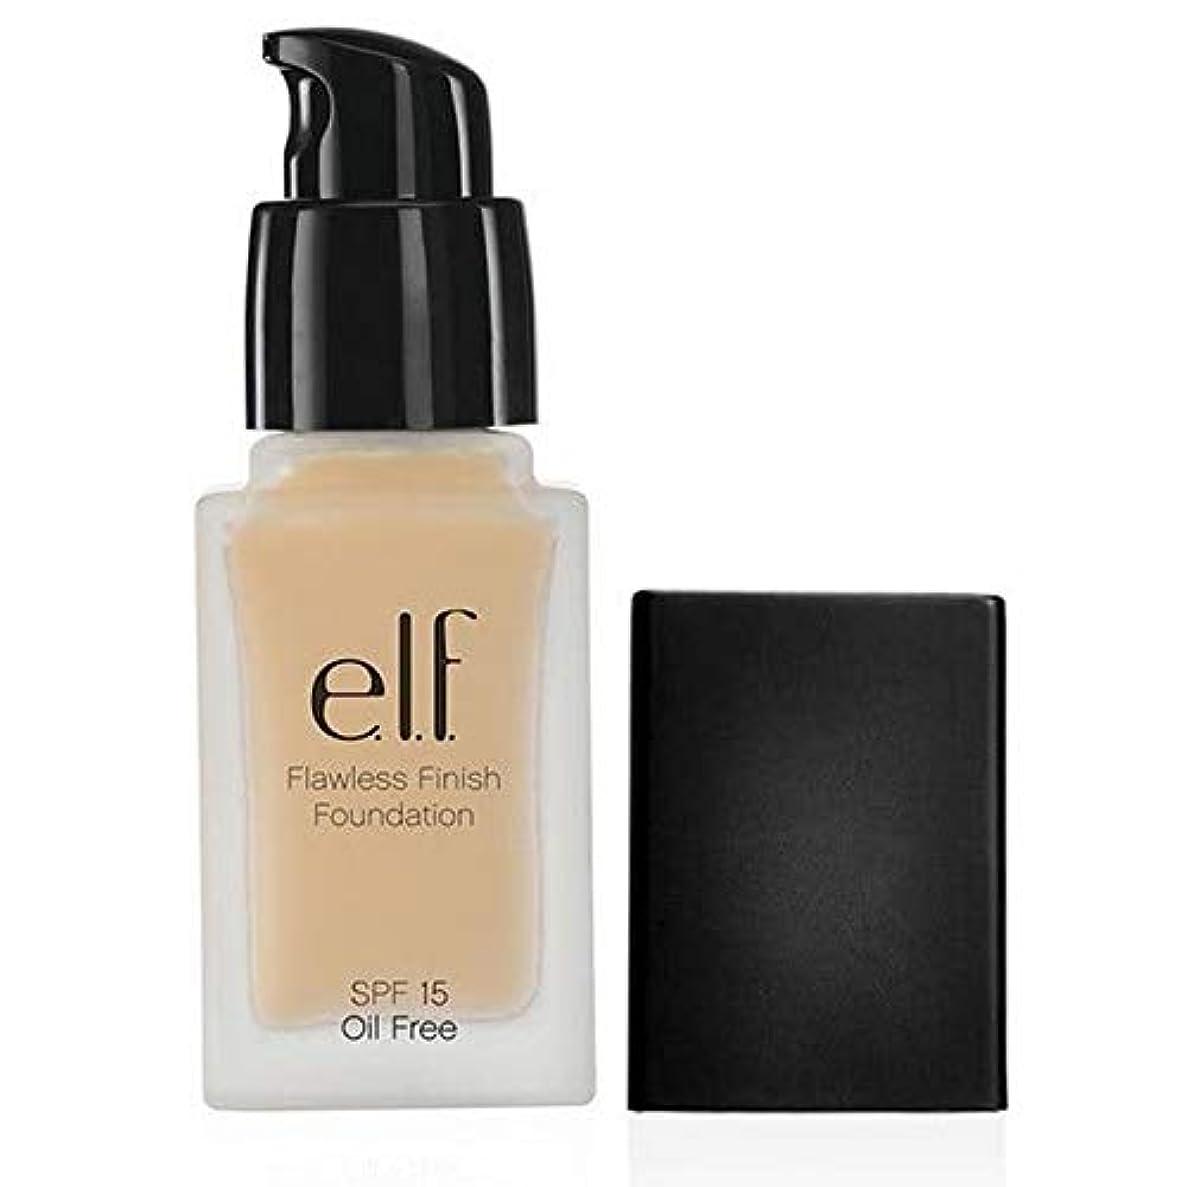 技術的なカッター抽象[Elf ] エルフ。完璧な仕上がりの基礎Spf15磁器111 - e.l.f. Flawless Finish Foundation SPF15 Porcelain 111 [並行輸入品]